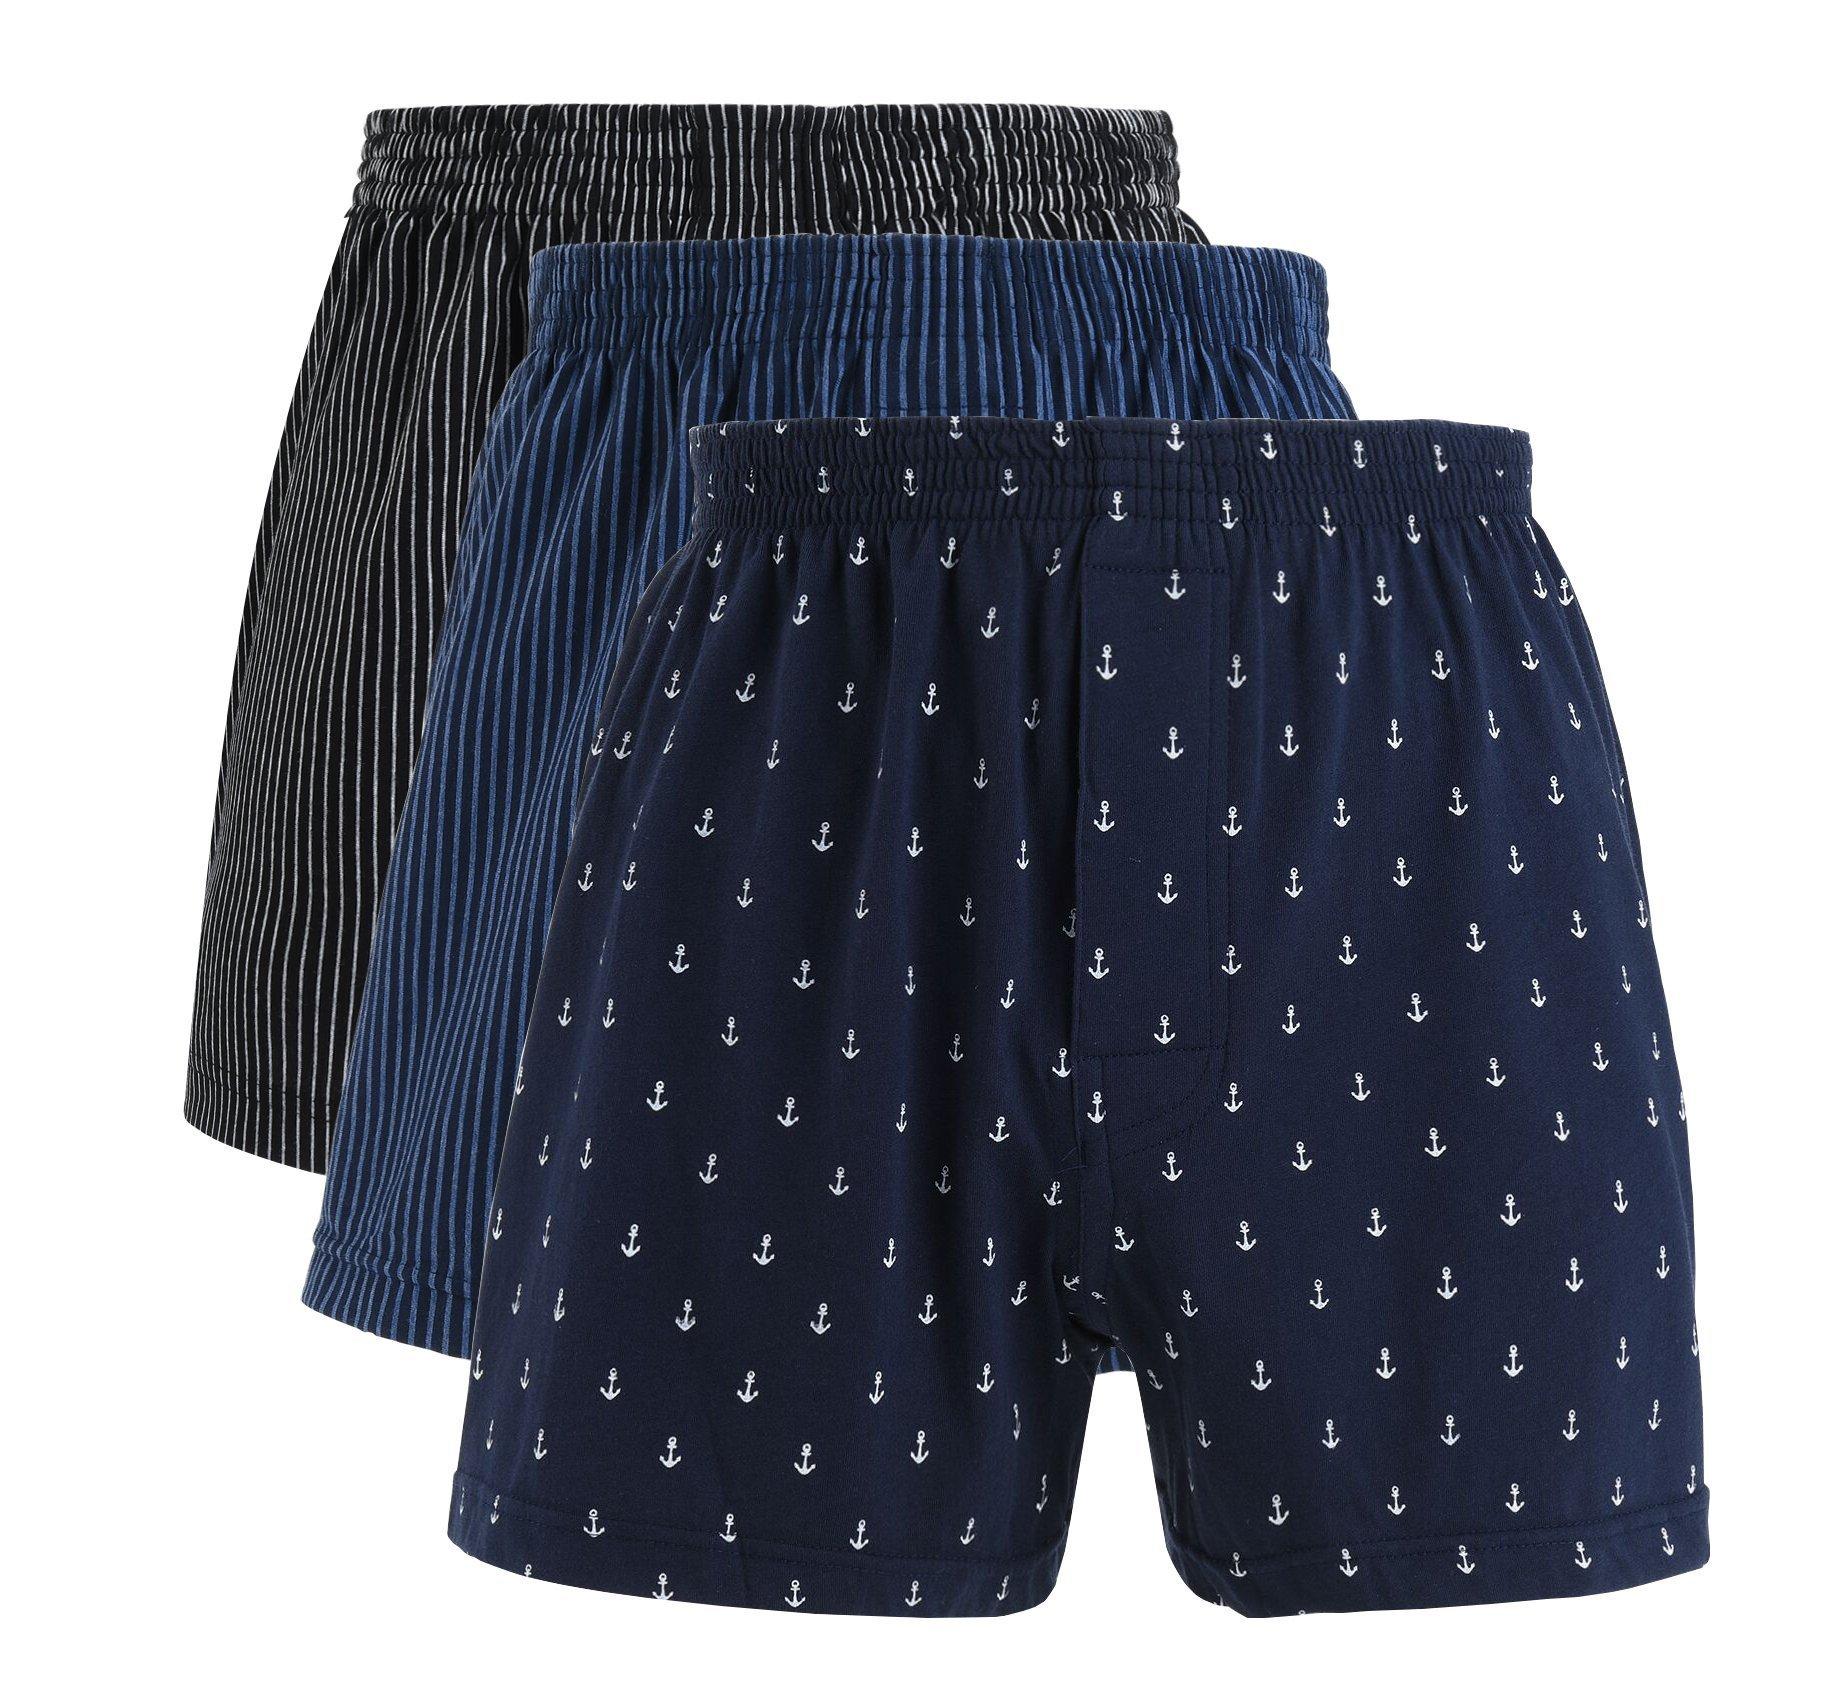 """VRLEGEND 27-38"""" Waist Boxers Brief Men Cotton Underwear 3-Pack (M=27-29'' Waist)"""